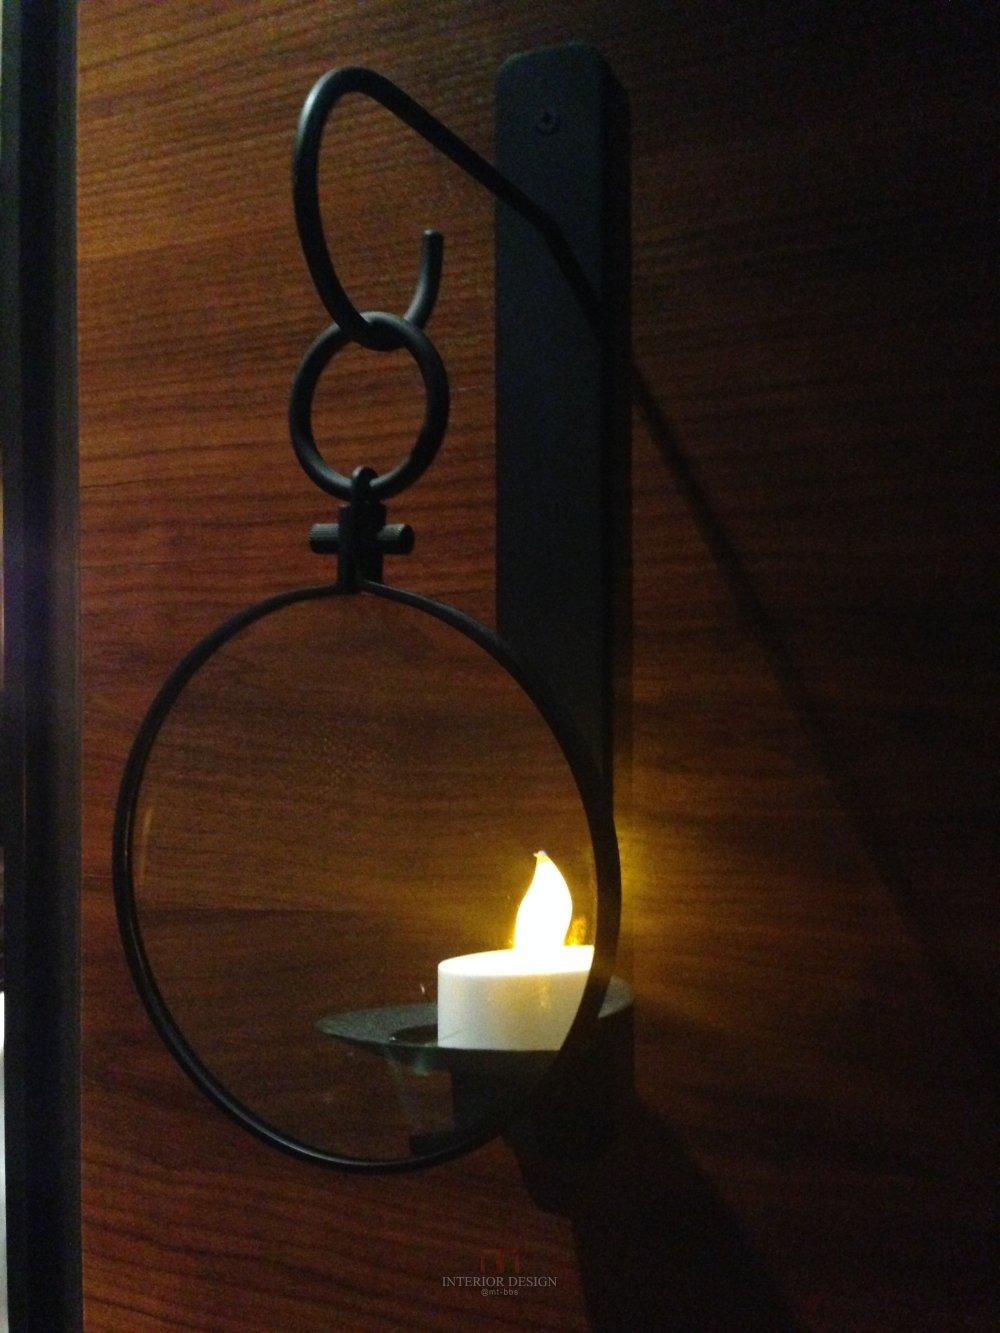 1515牛排馆•酒吧The 1515 WEST CHOPHOUSE & BAR自拍分享_IMG_0106.JPG